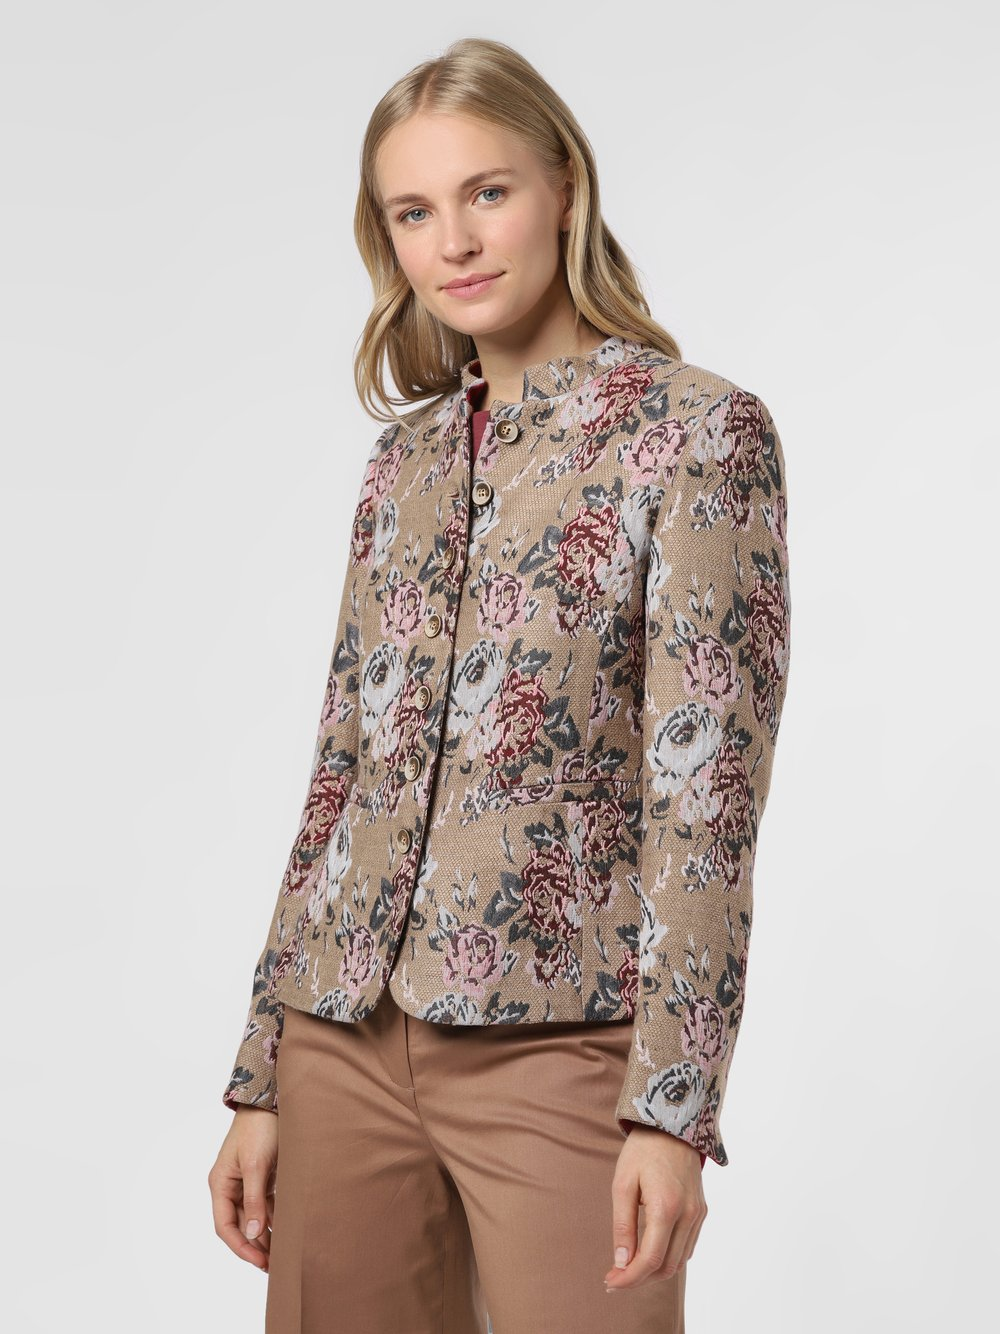 Rofa – Blezer damski, różowy Van Graaf 488917-0001-00480